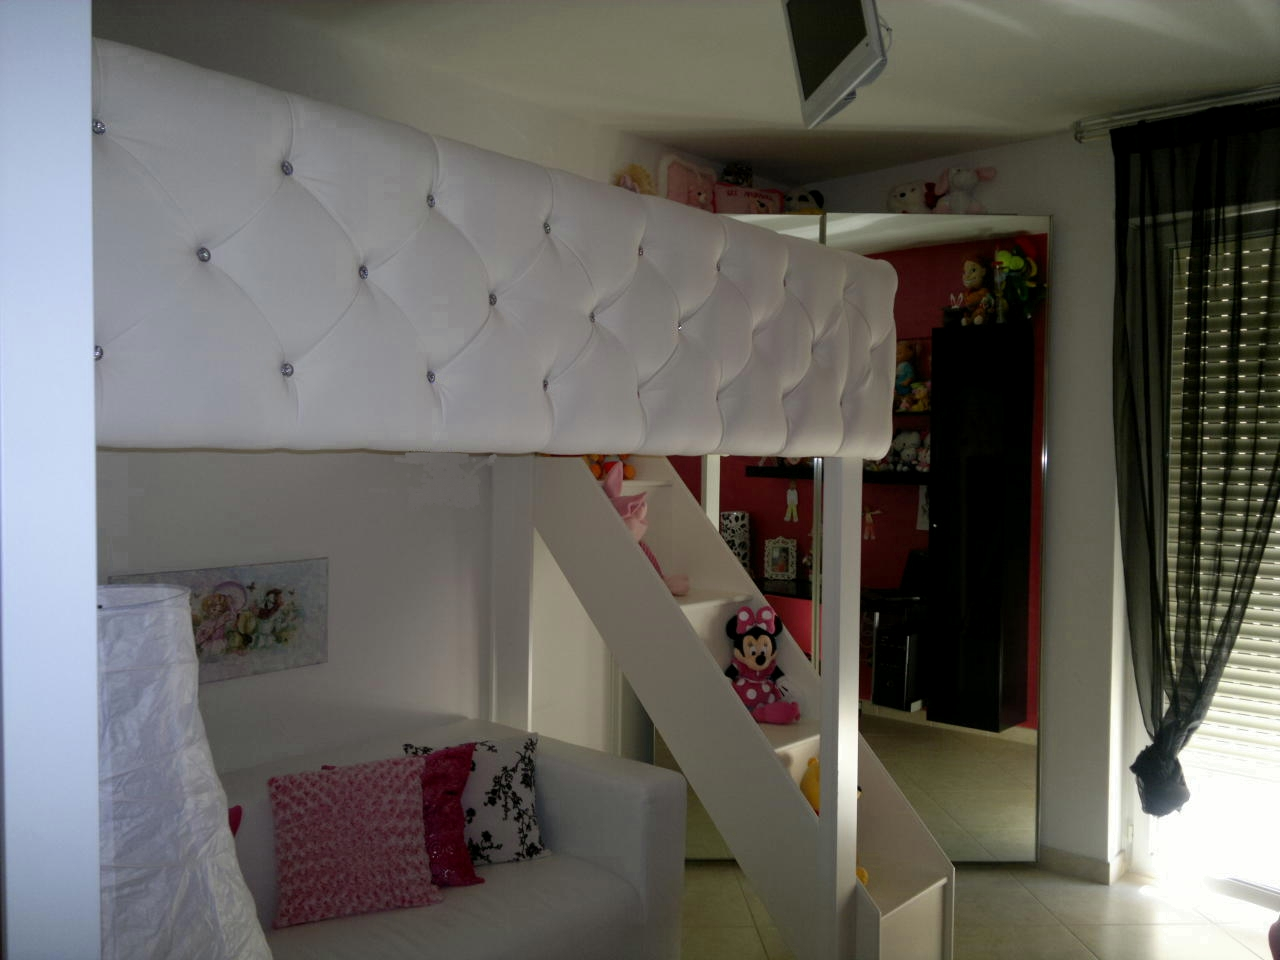 Camera Da Letto Nel Soppalco : Camera da letto soppalco penthouse soggiorno kitchenette e camera